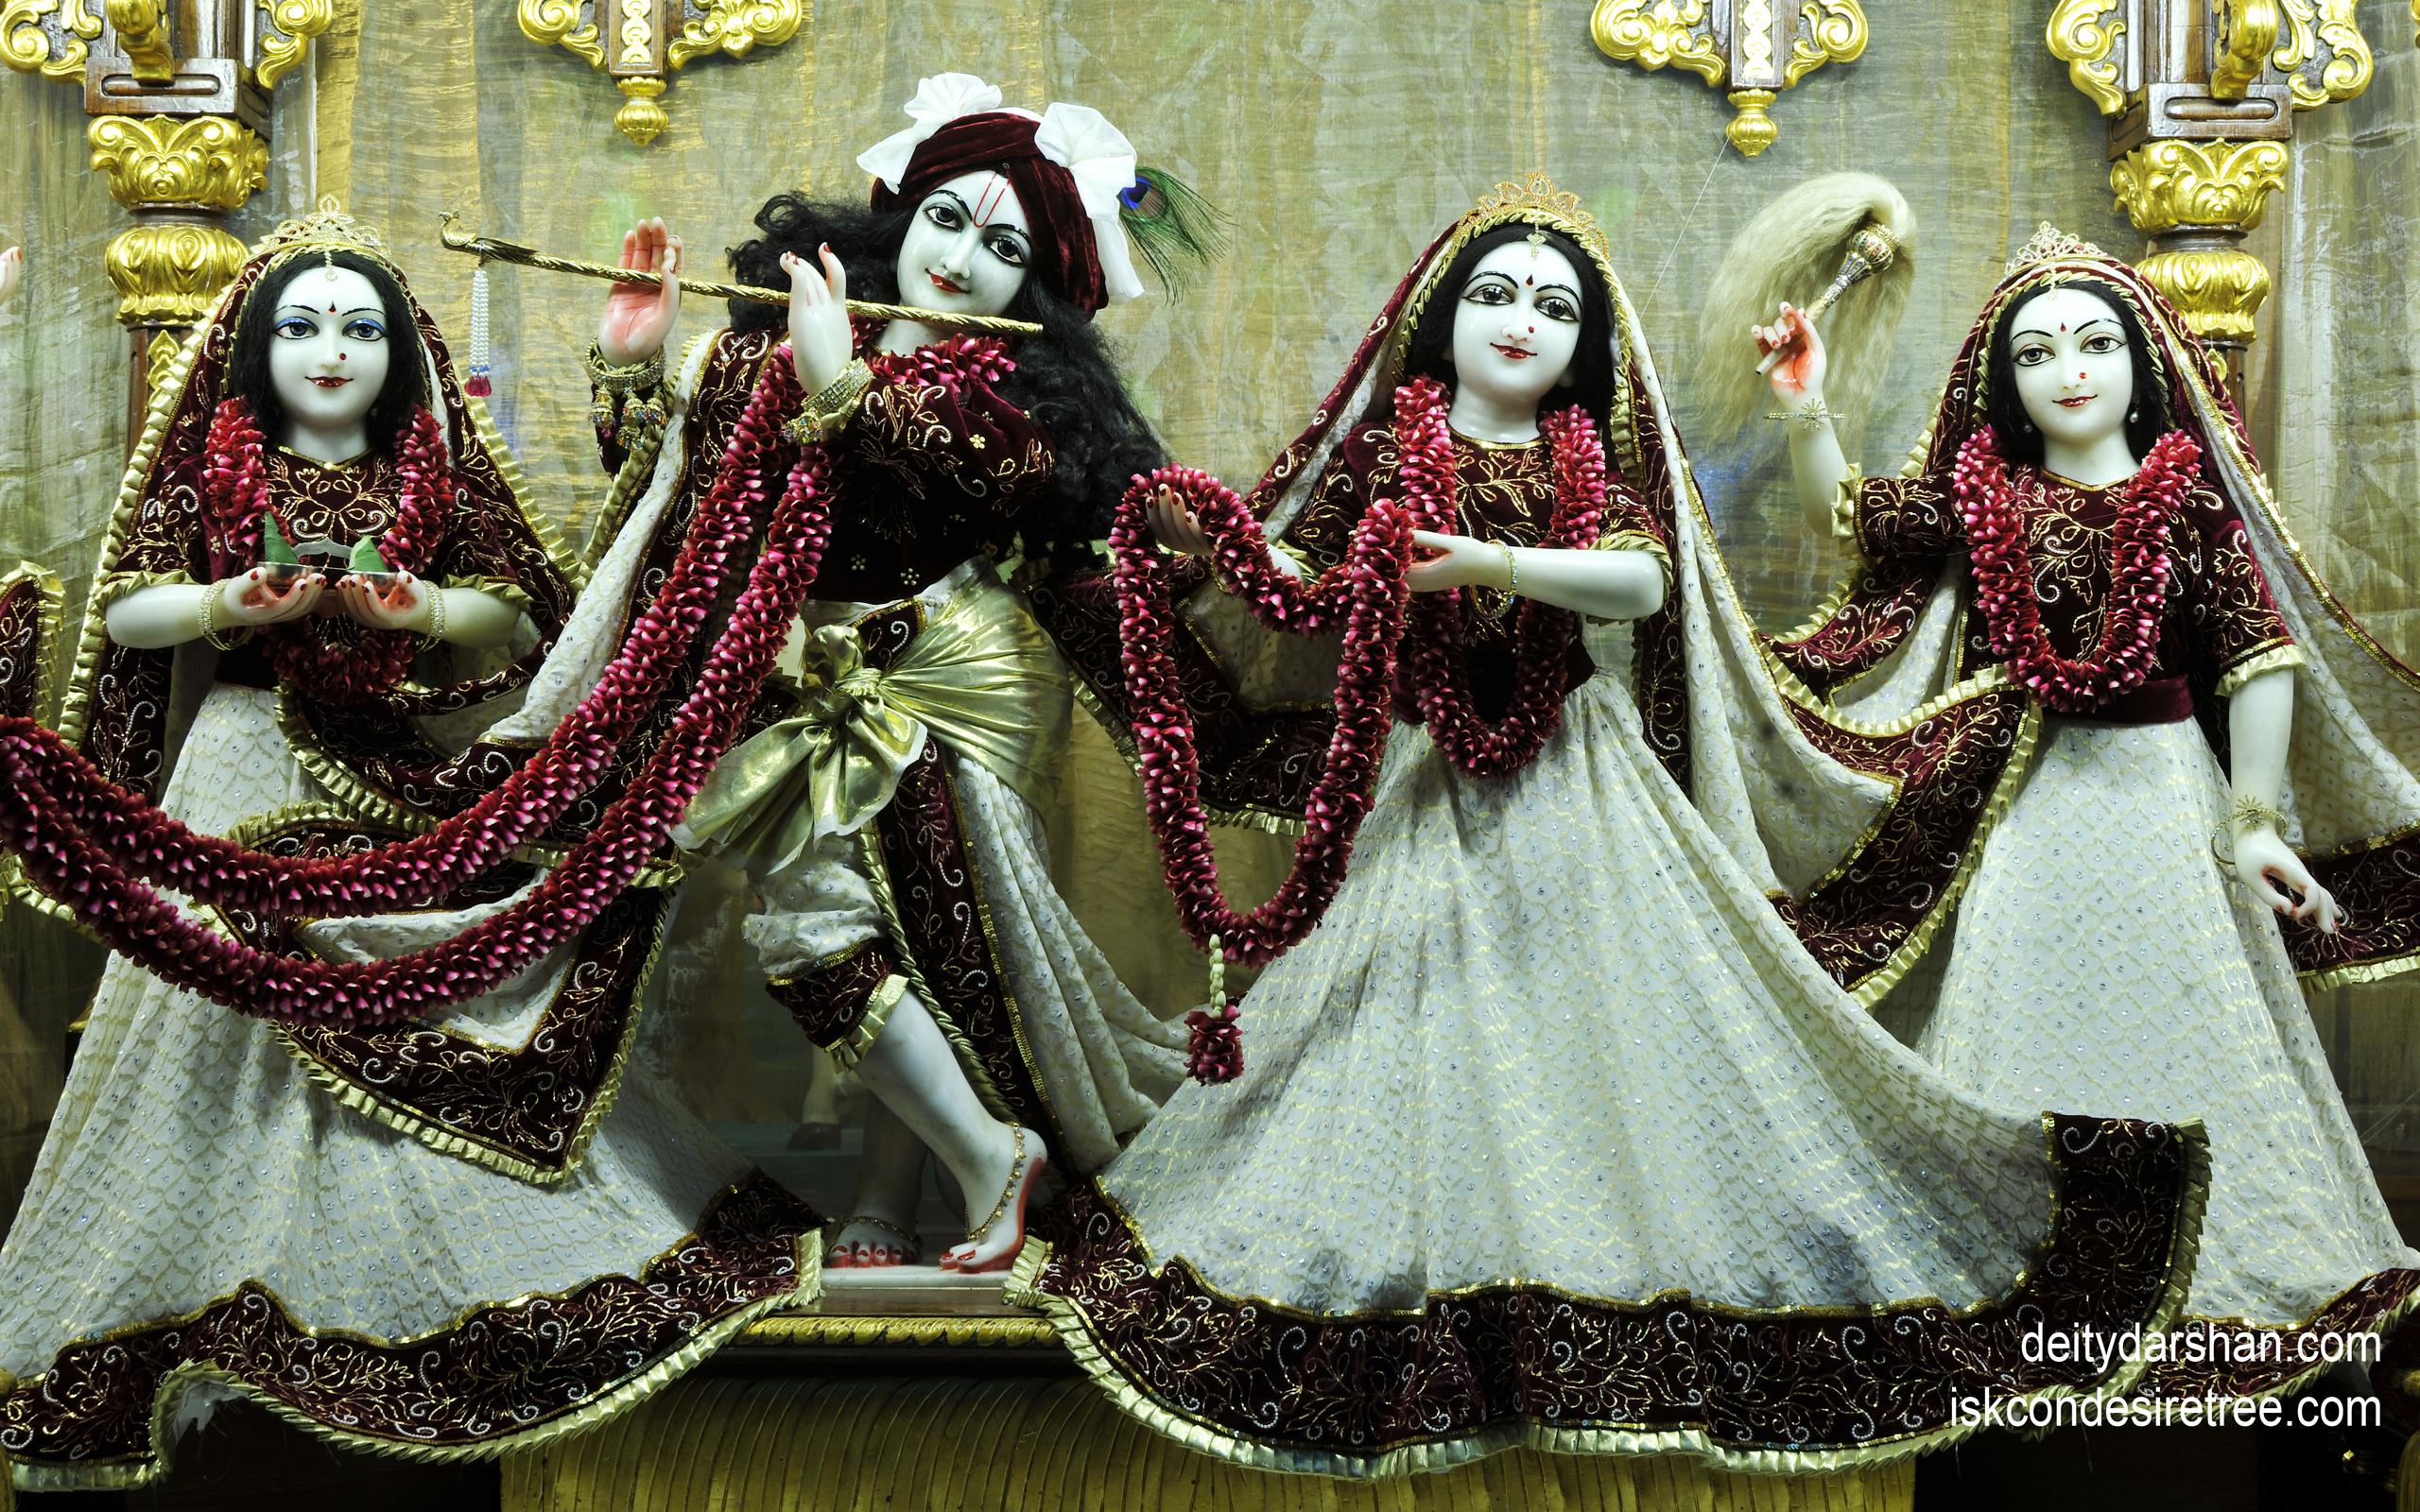 Sri Sri Radha Gopinath Lalita Vishakha Wallpaper (035) Size 2560x1600 Download